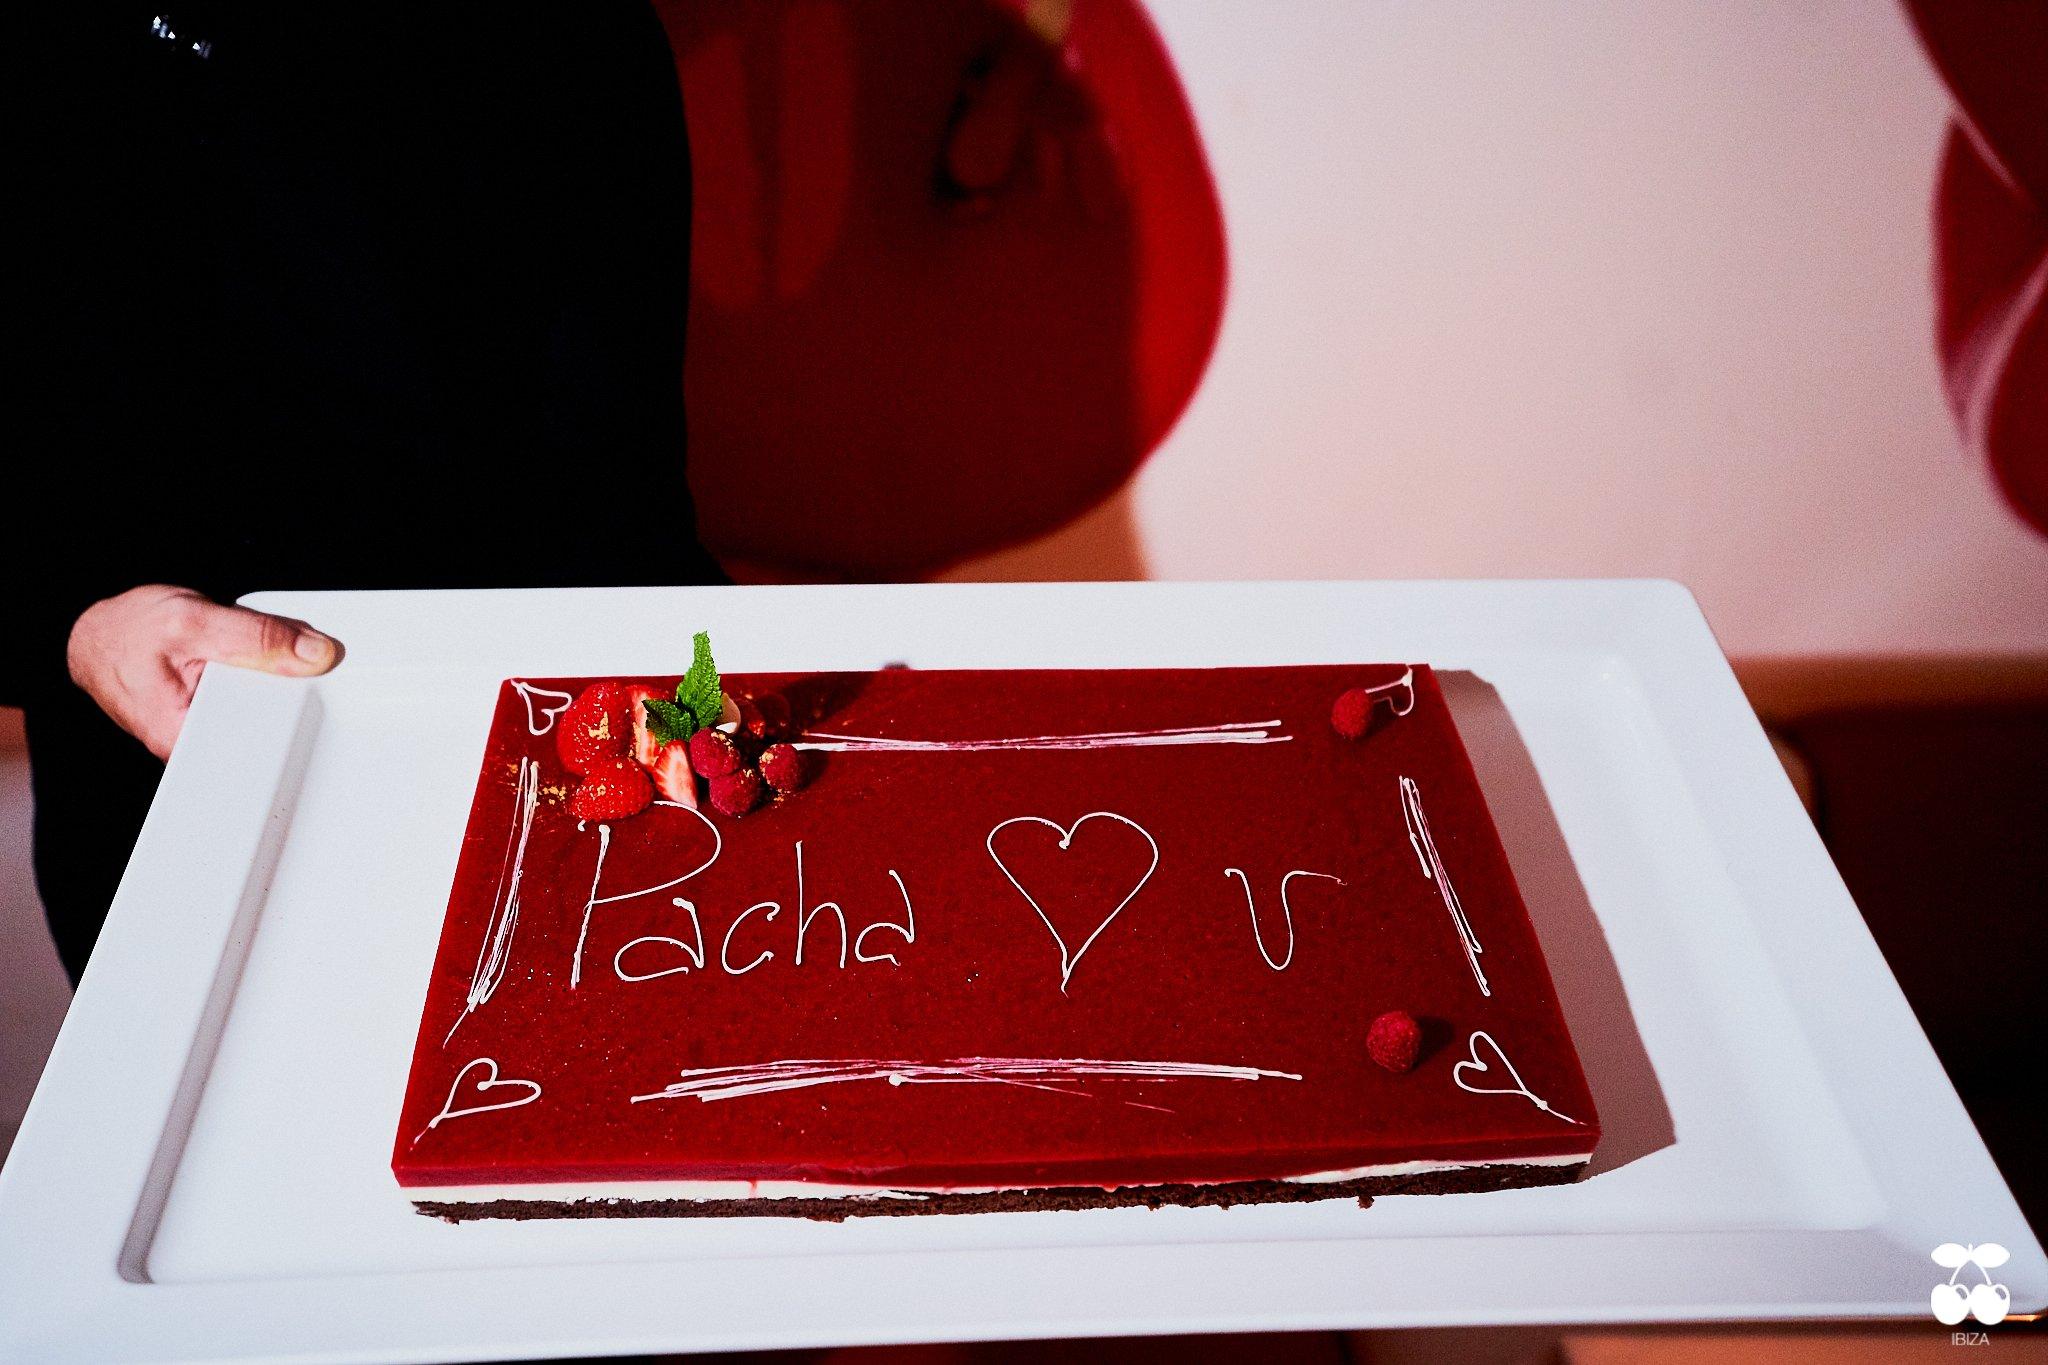 Pacha loves you ��   #pacharestaurant➡ https://t.co/4U1O019Bfk https://t.co/3nrnxskKQB